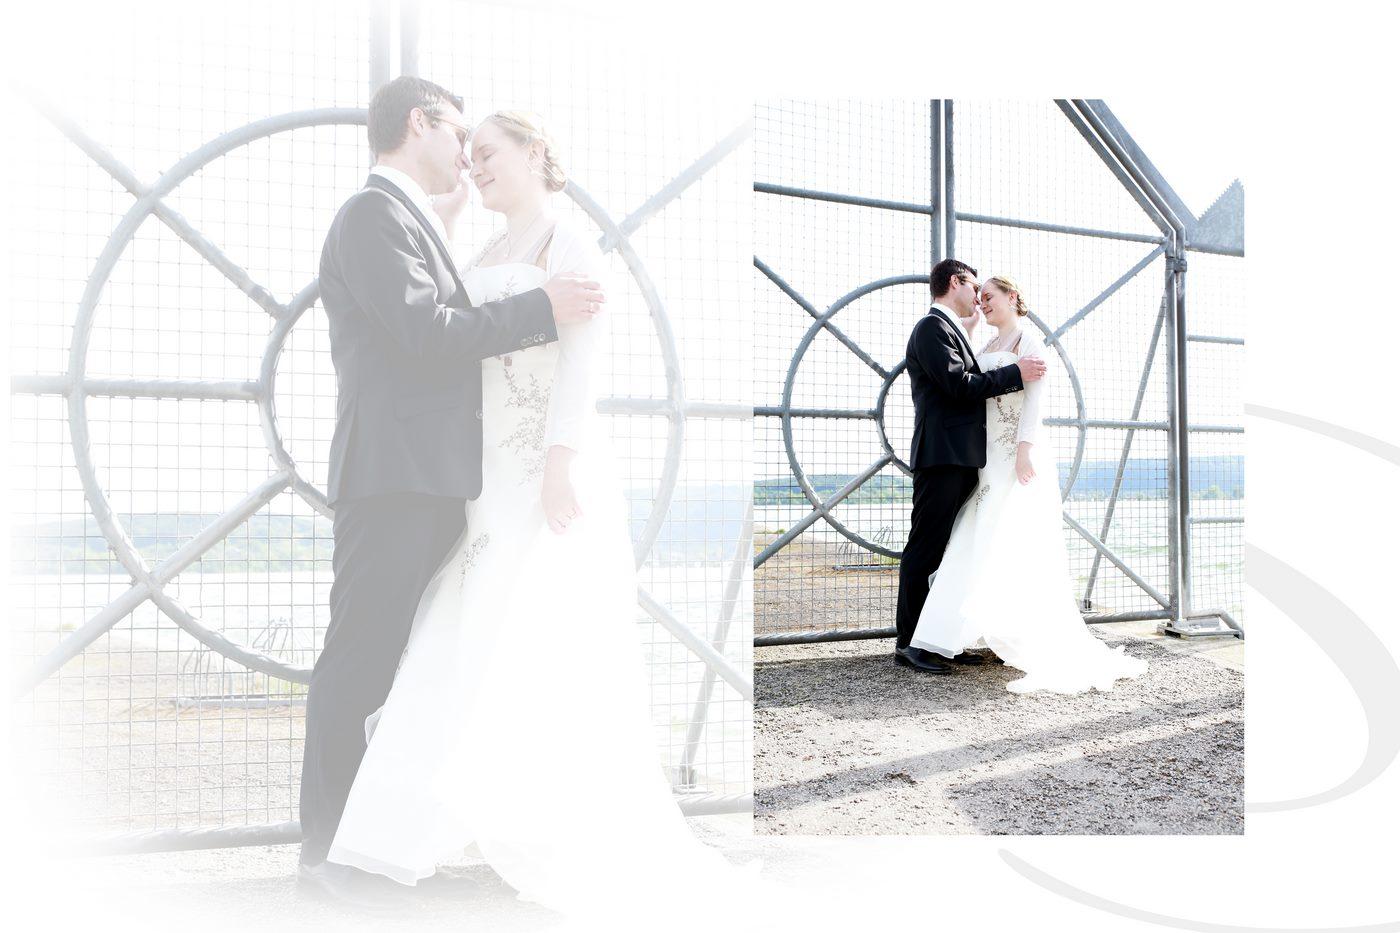 Brautpaar sieht sich an und lacht dabei vor einem Tor